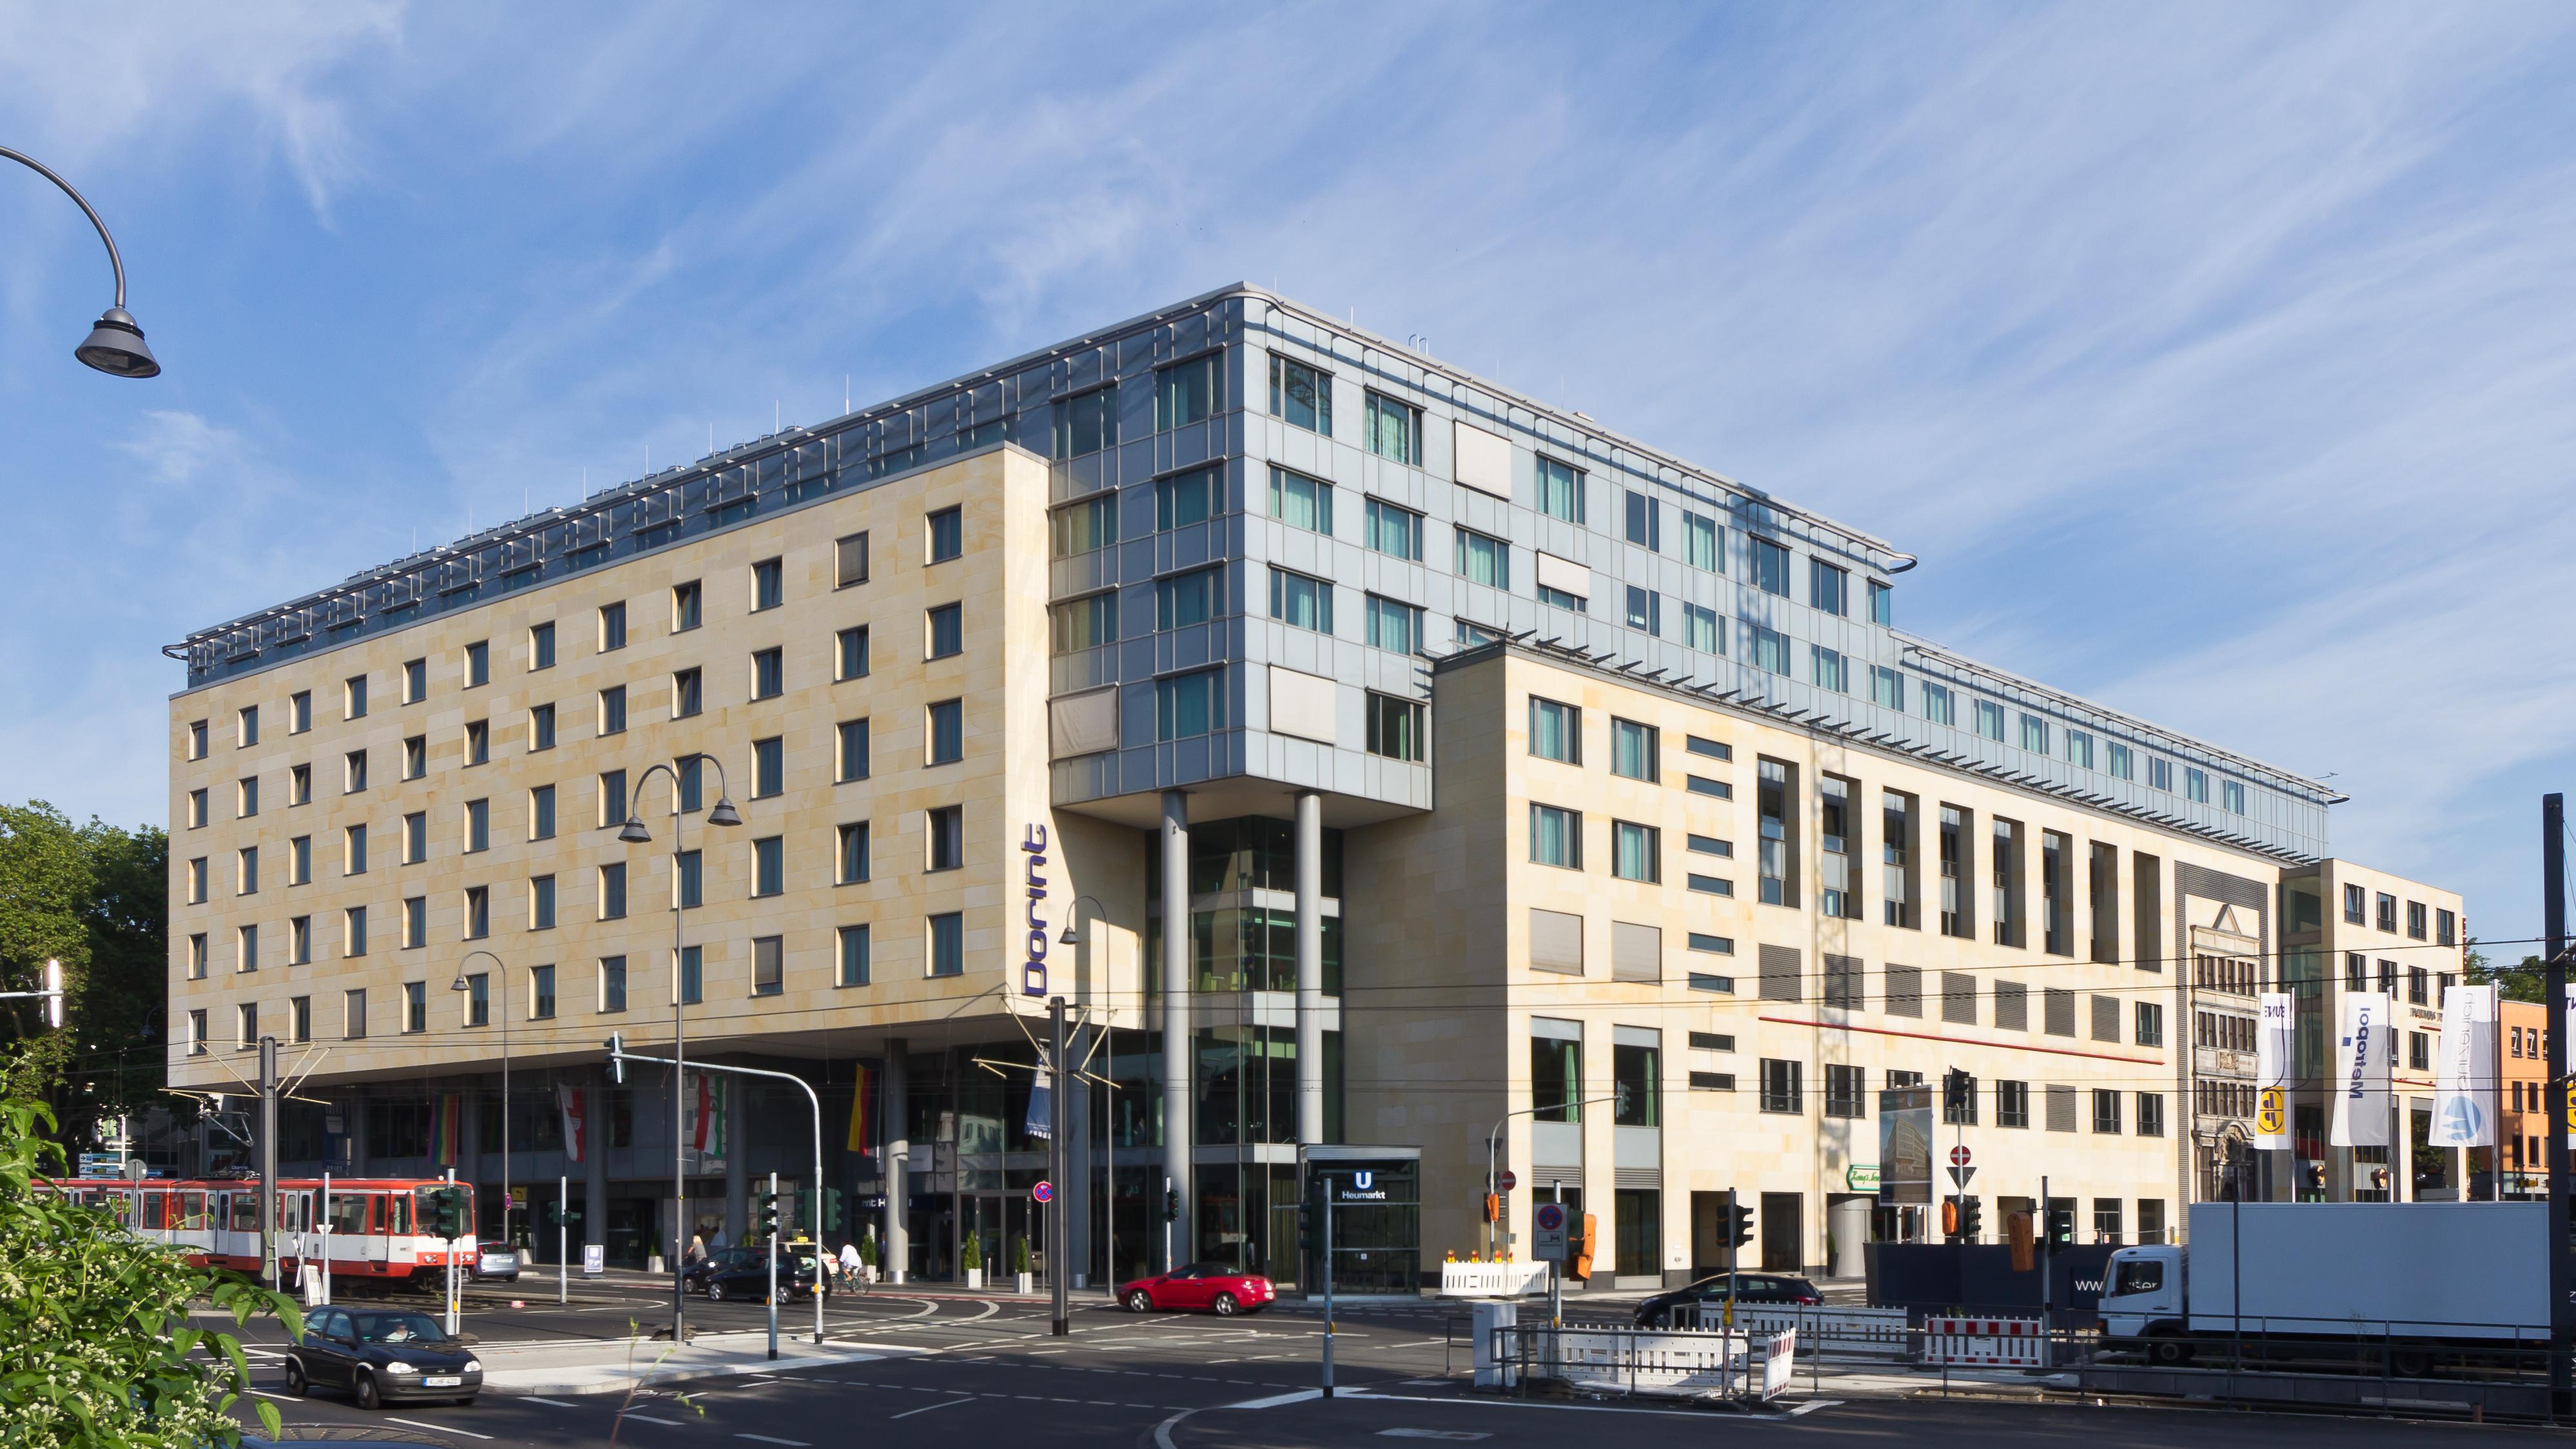 Dorint Hotel Koln An Der Mebe